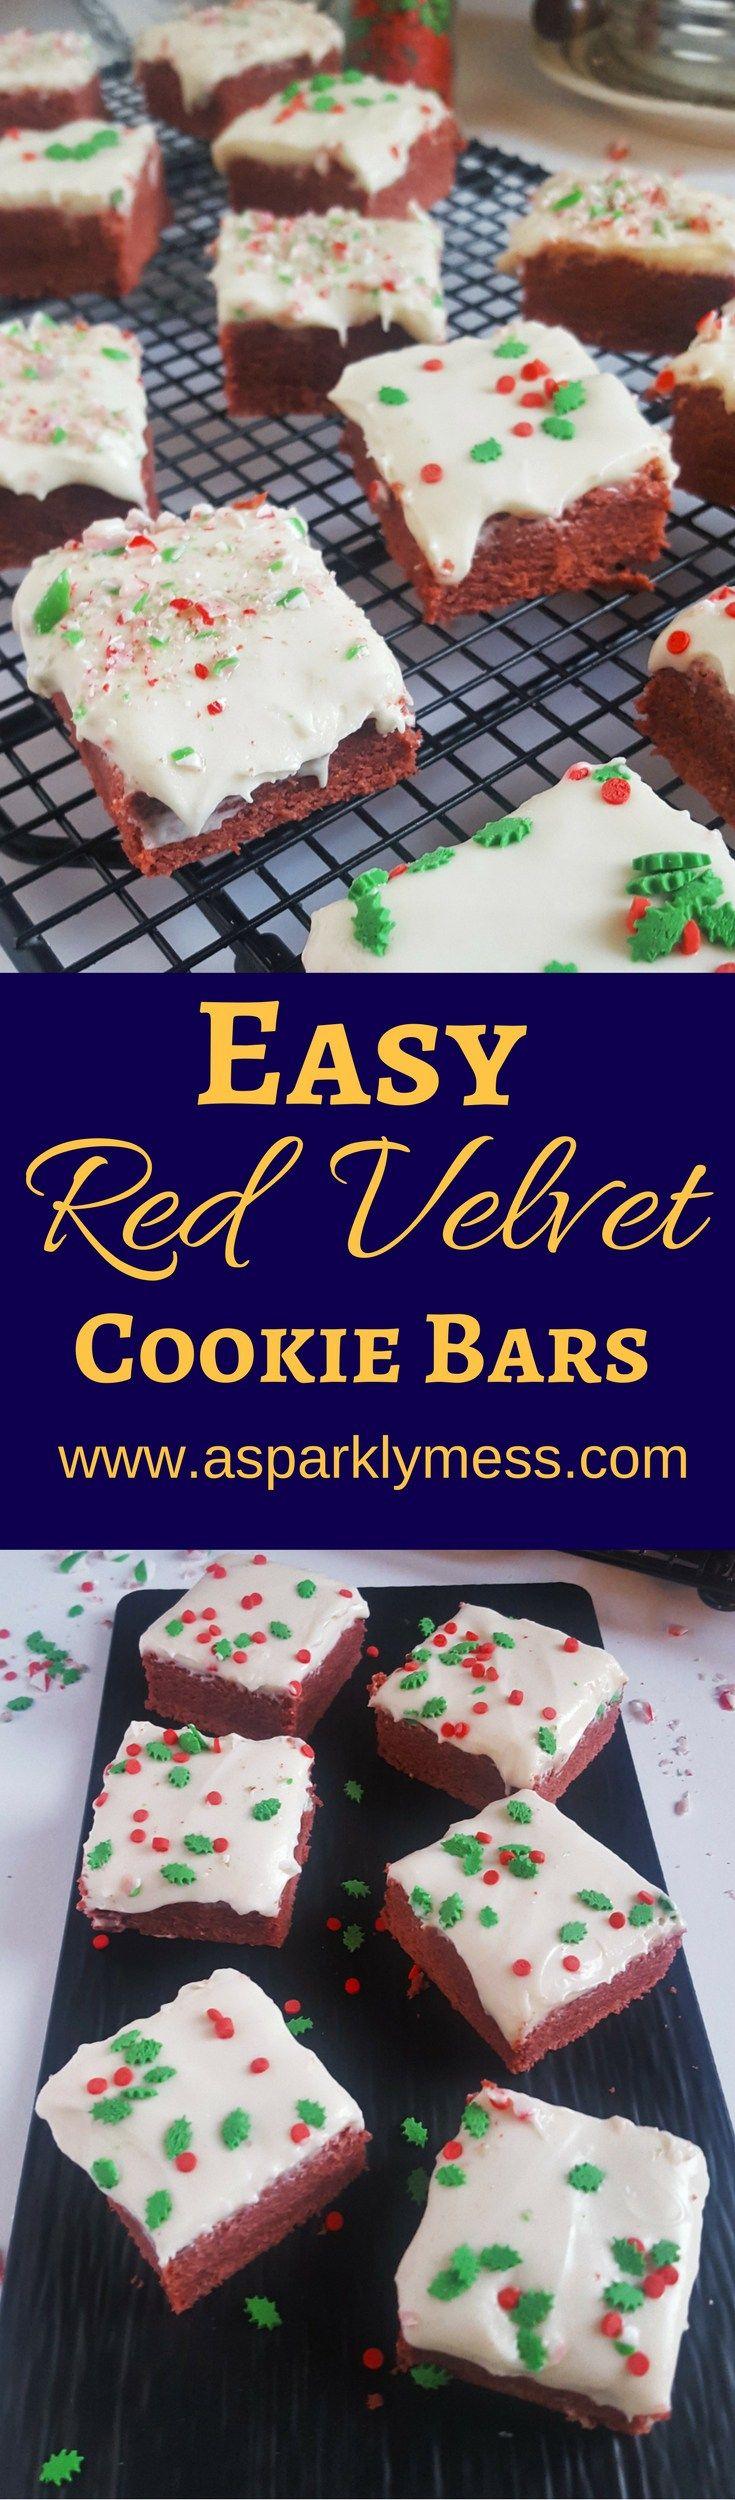 Easy Red Velvet Cookie Bars